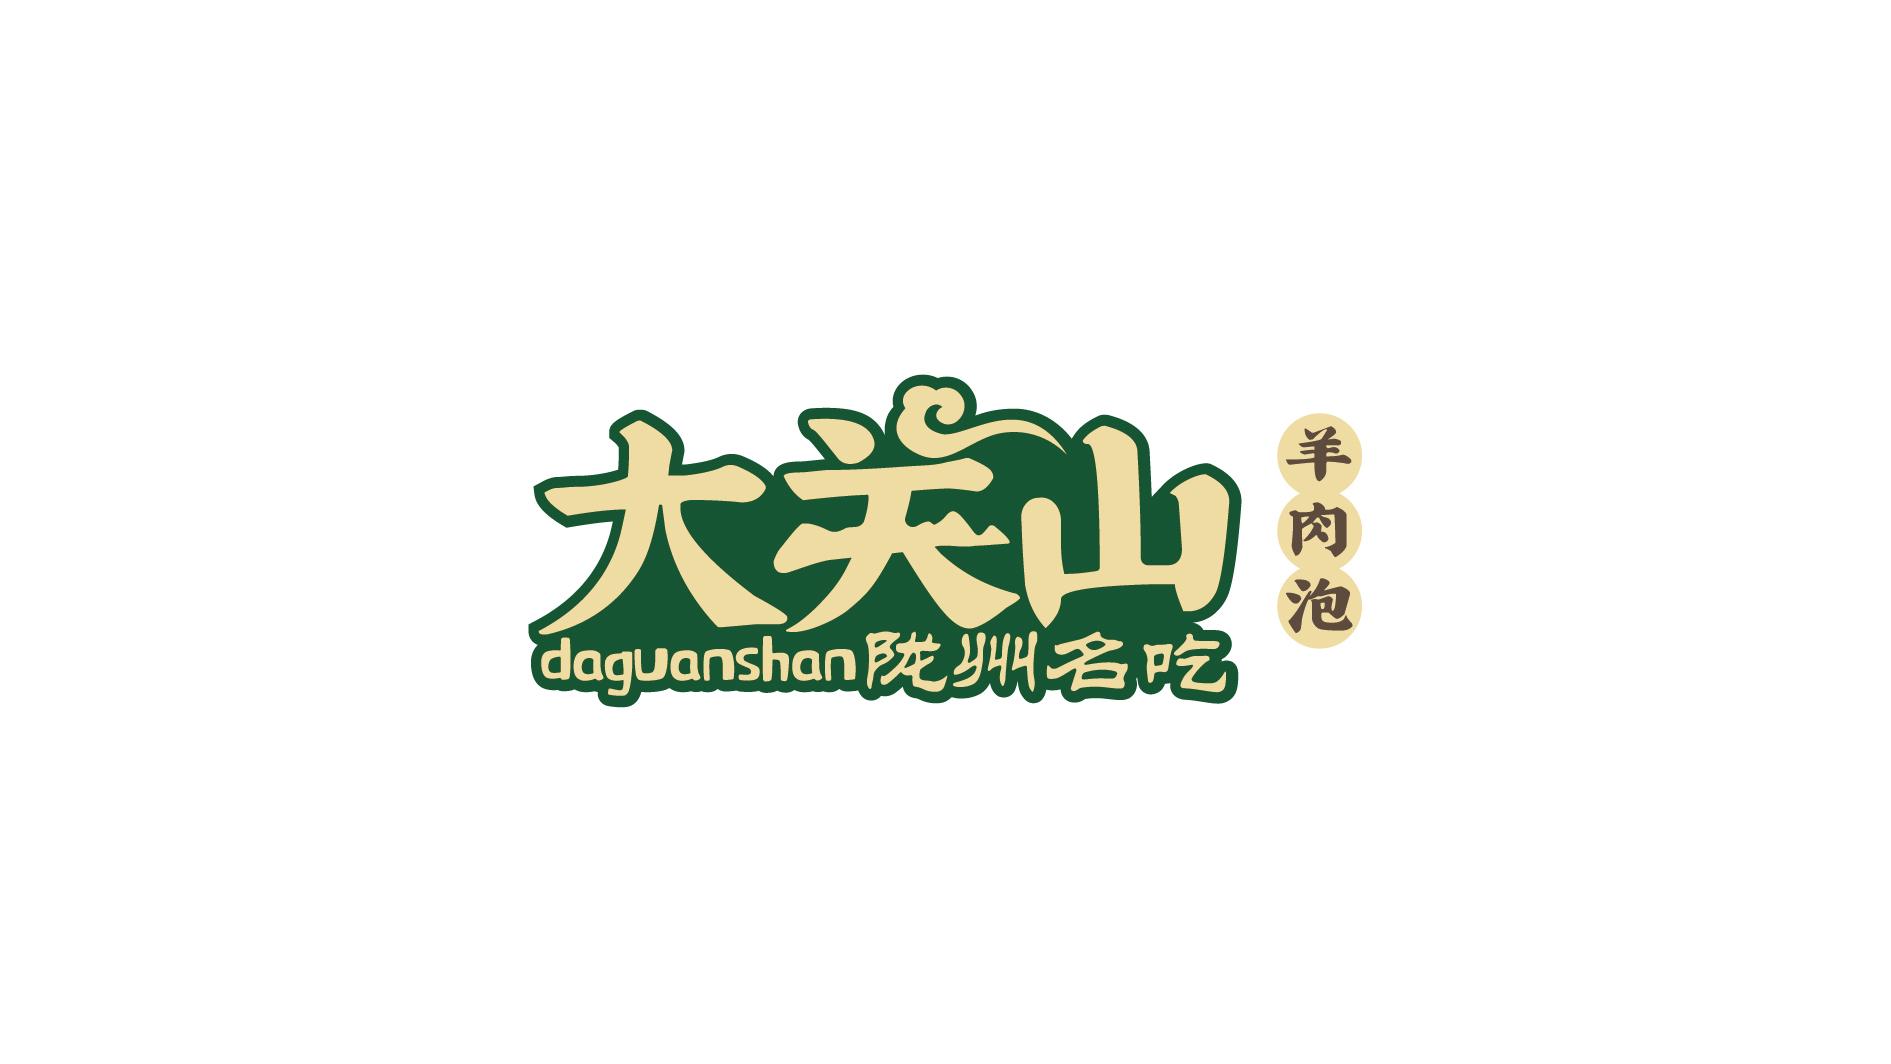 大关山餐饮品牌LOGO设计